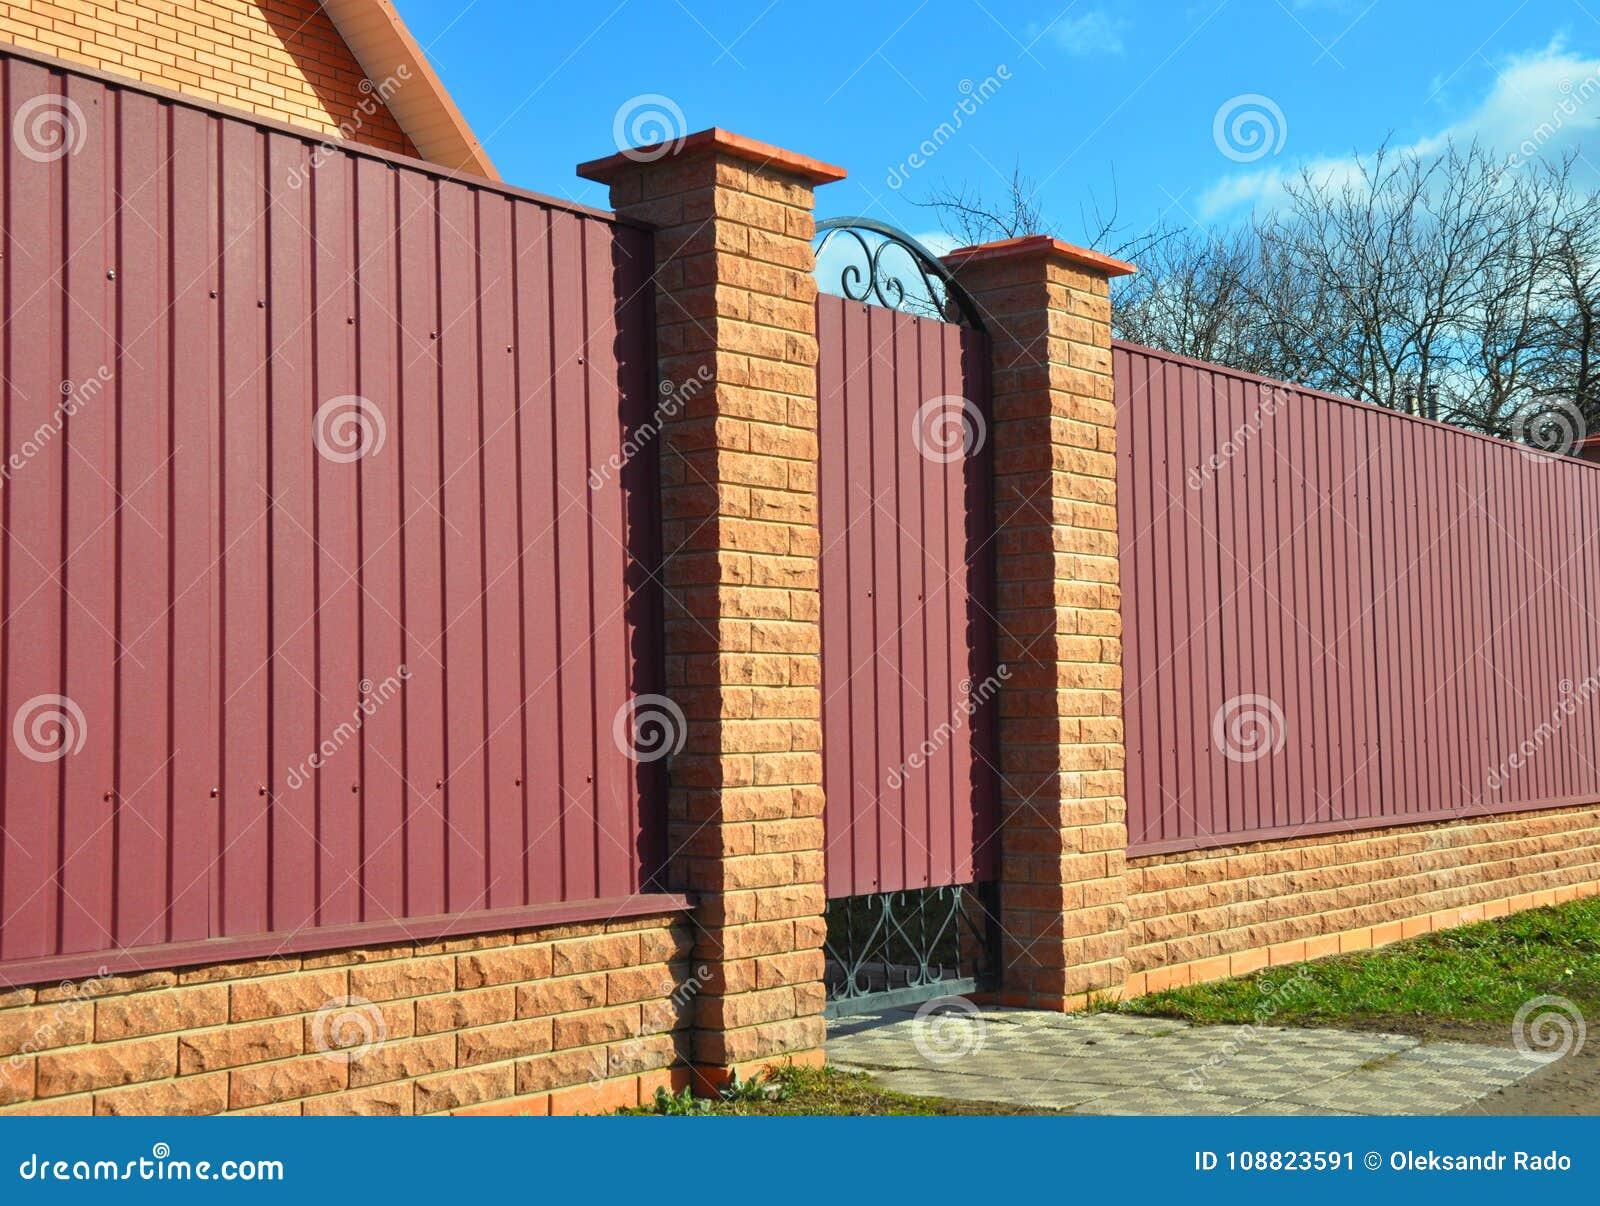 Cerca do tijolo e do metal com porta e porta Cercando a construção